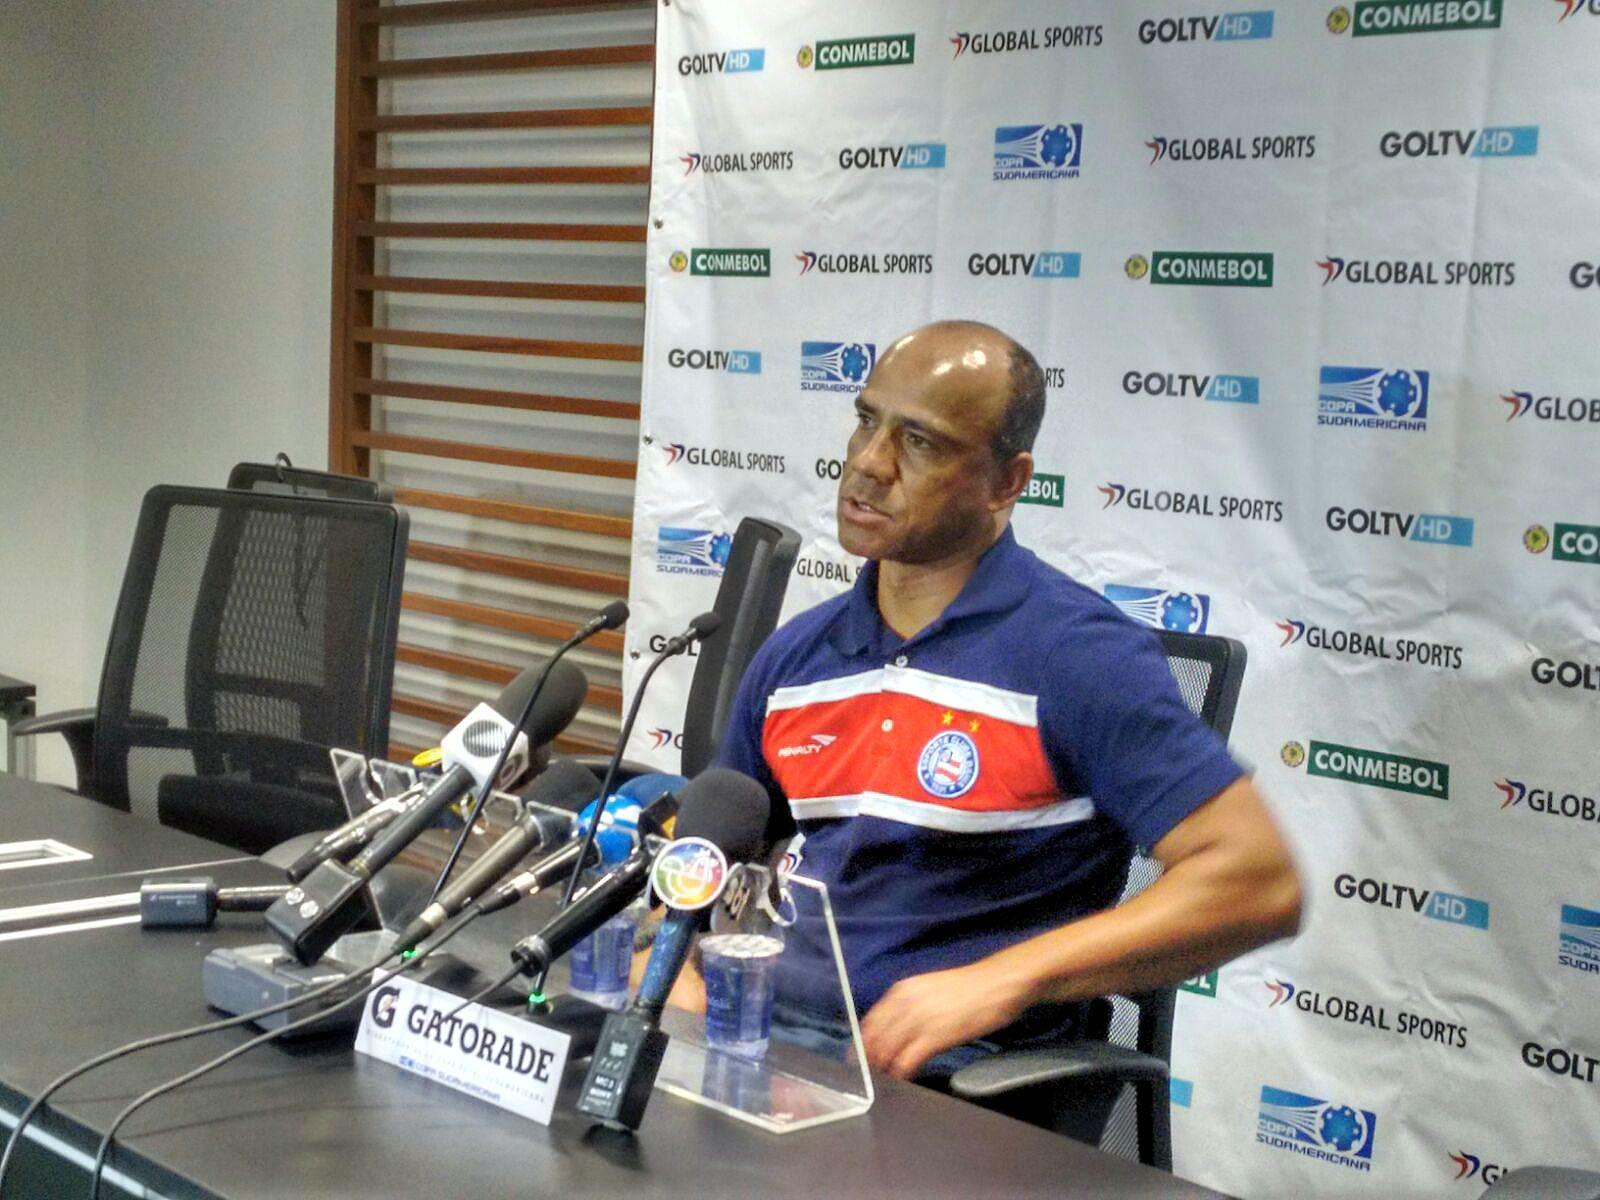 """Após derrota, Soares desconversa sobre demissão: """"Fazendo meu papel"""" #globoesporte"""